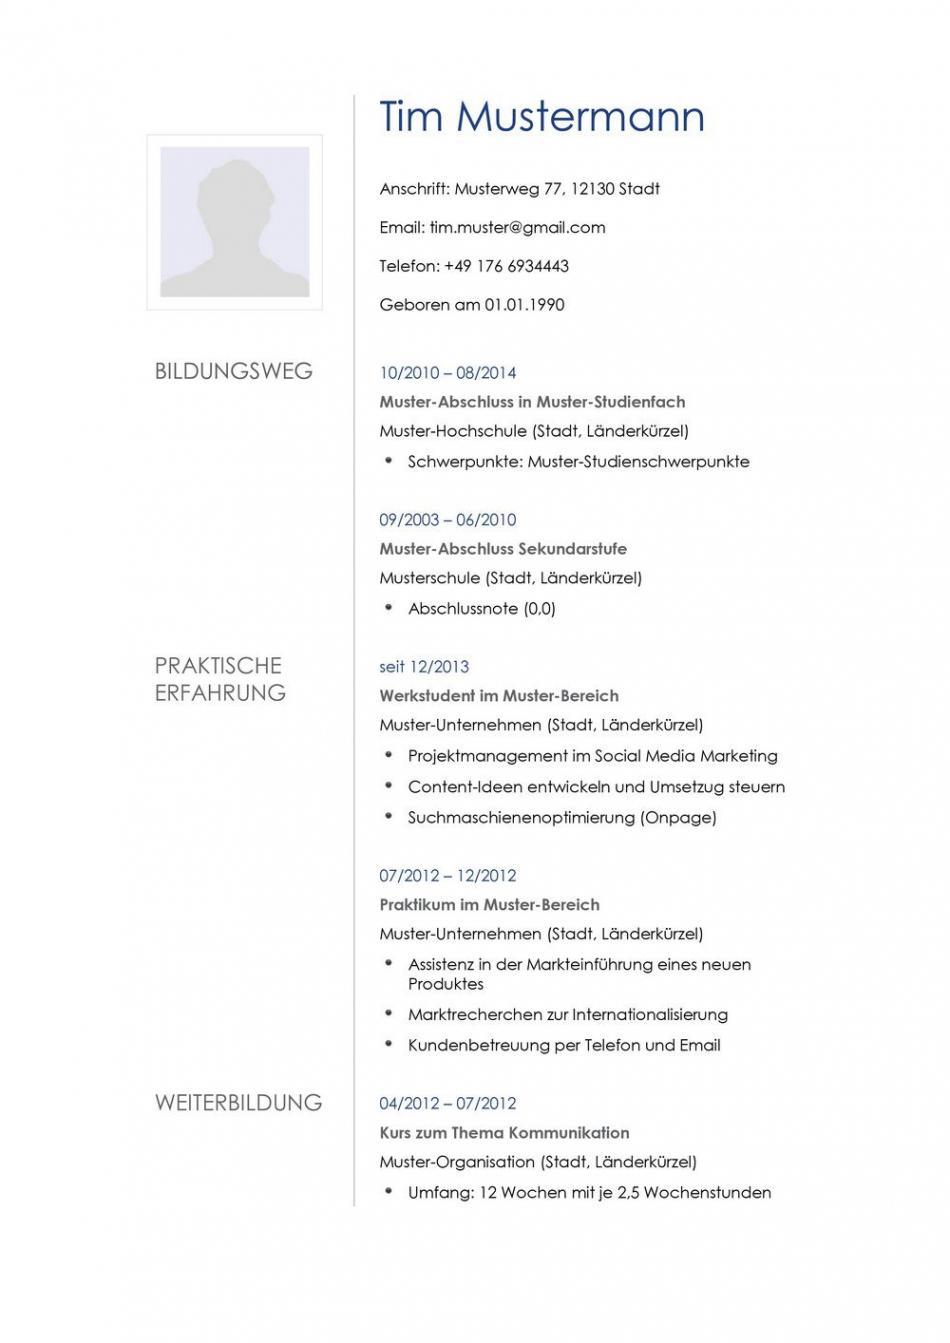 Lebenslauf Muster Für Multimediakünstler  Lebenslauf Designs Vorlage Lebenslauf Controller